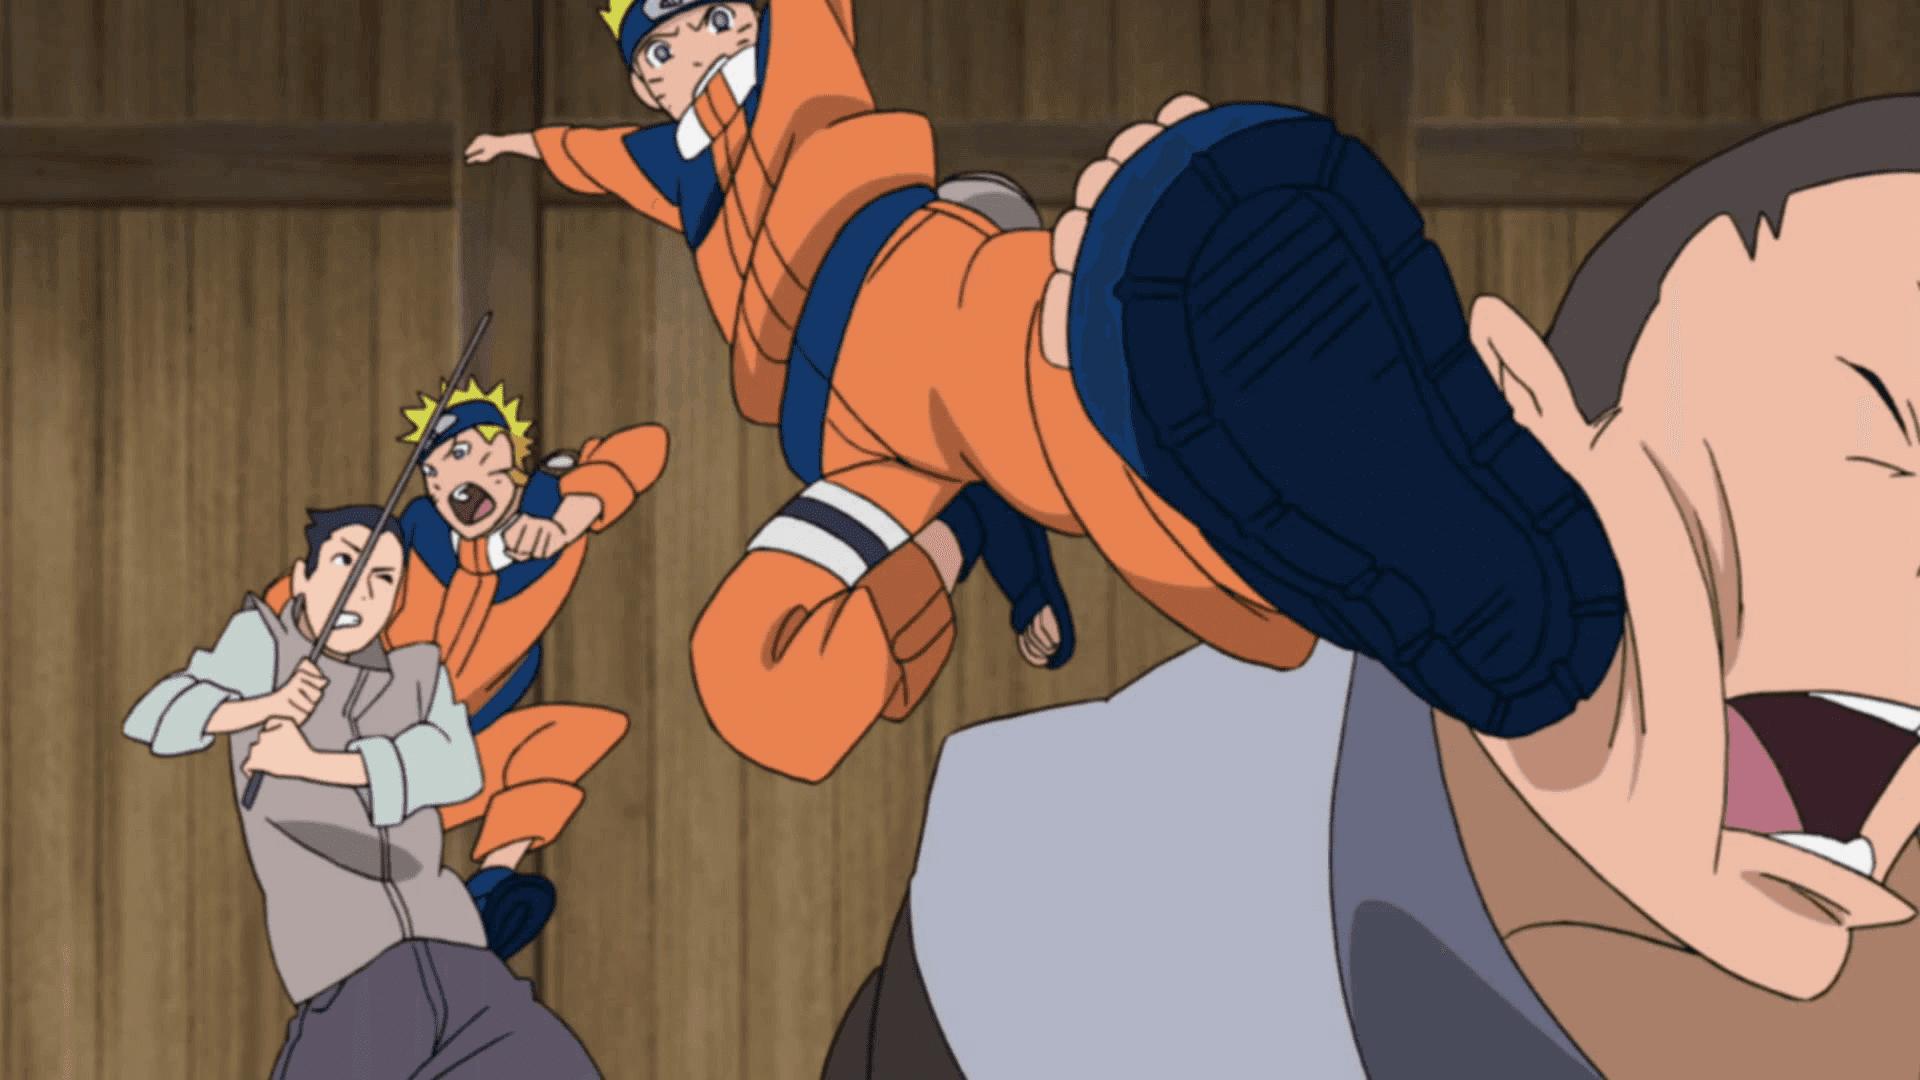 5 Ninja Ini Tidak Bisa Menggunakan Ninjutsu